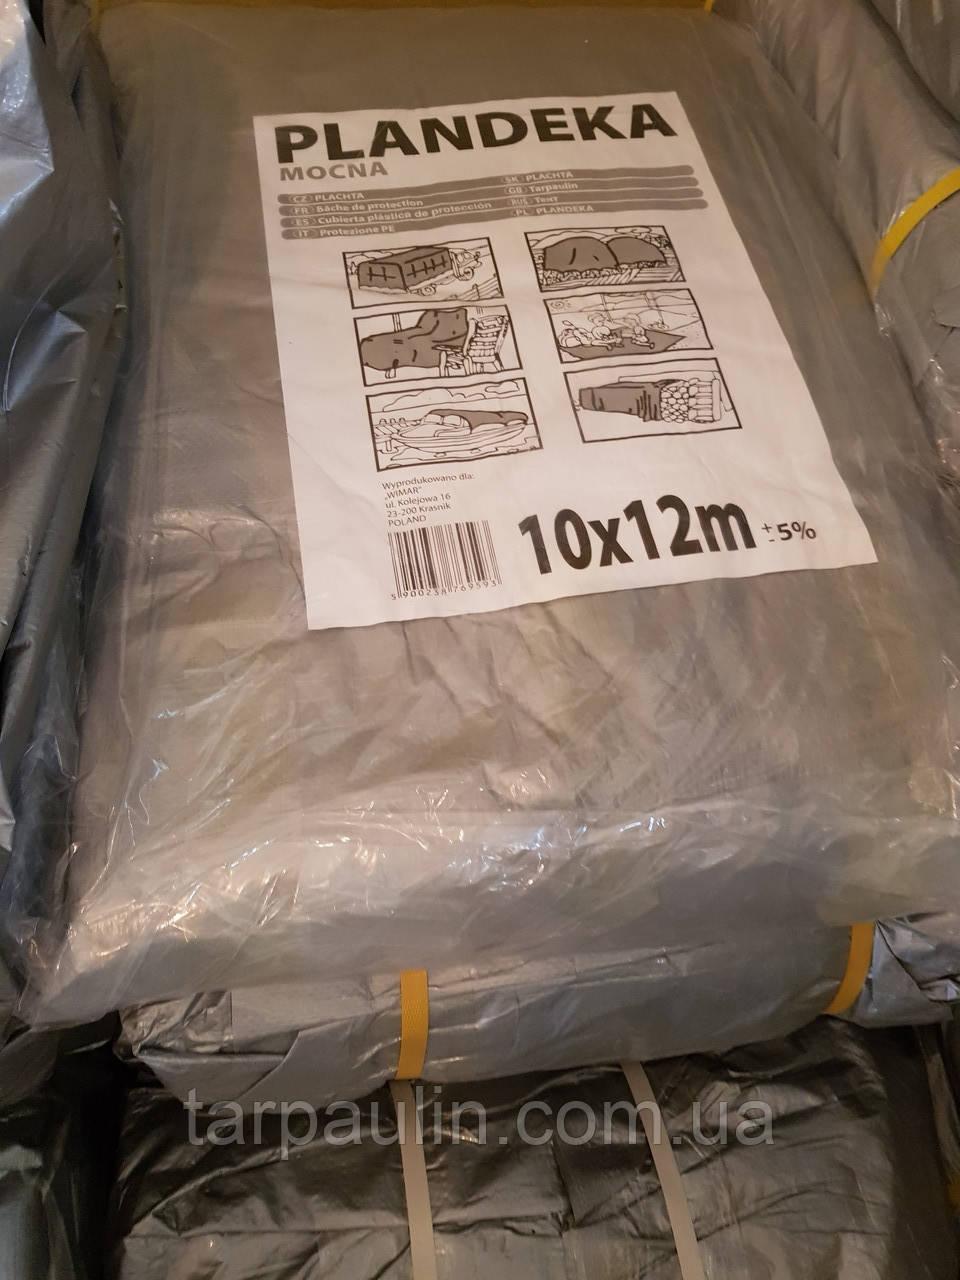 Тент Tenexim Mocny 10*12 м, готовые размеры в асс., плотный 120 г/м2 серебряный с УФ-защитой